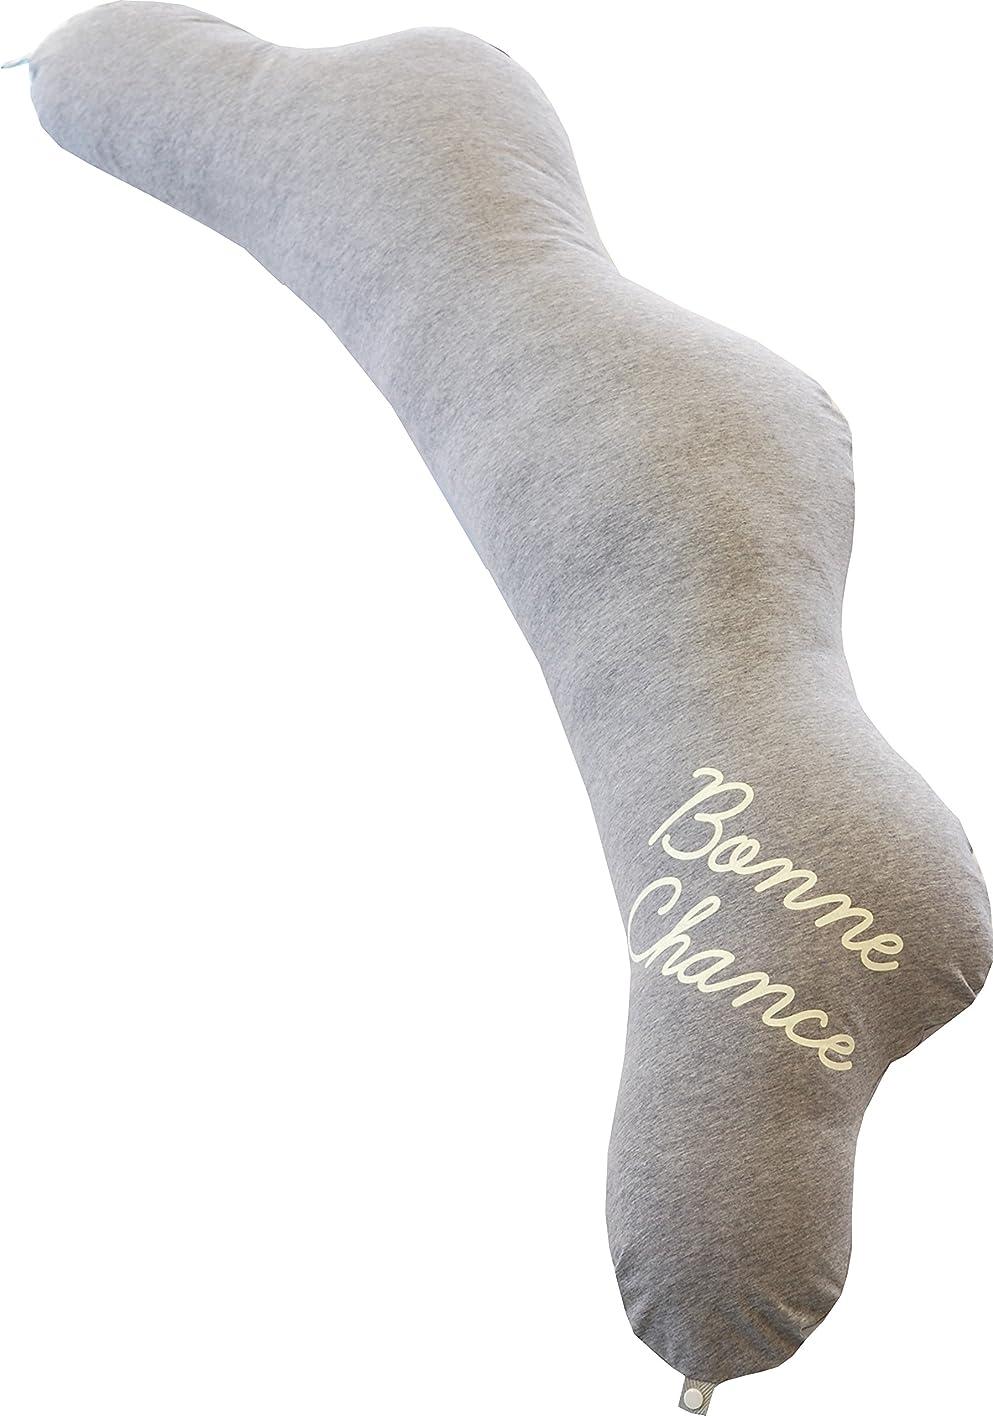 豆腐伝説傘【Amazon.co.jp 限定】サンデシカ 妊婦さんのための抱き枕(クラウド)マイクロビーズ グレー 4261-0027-09